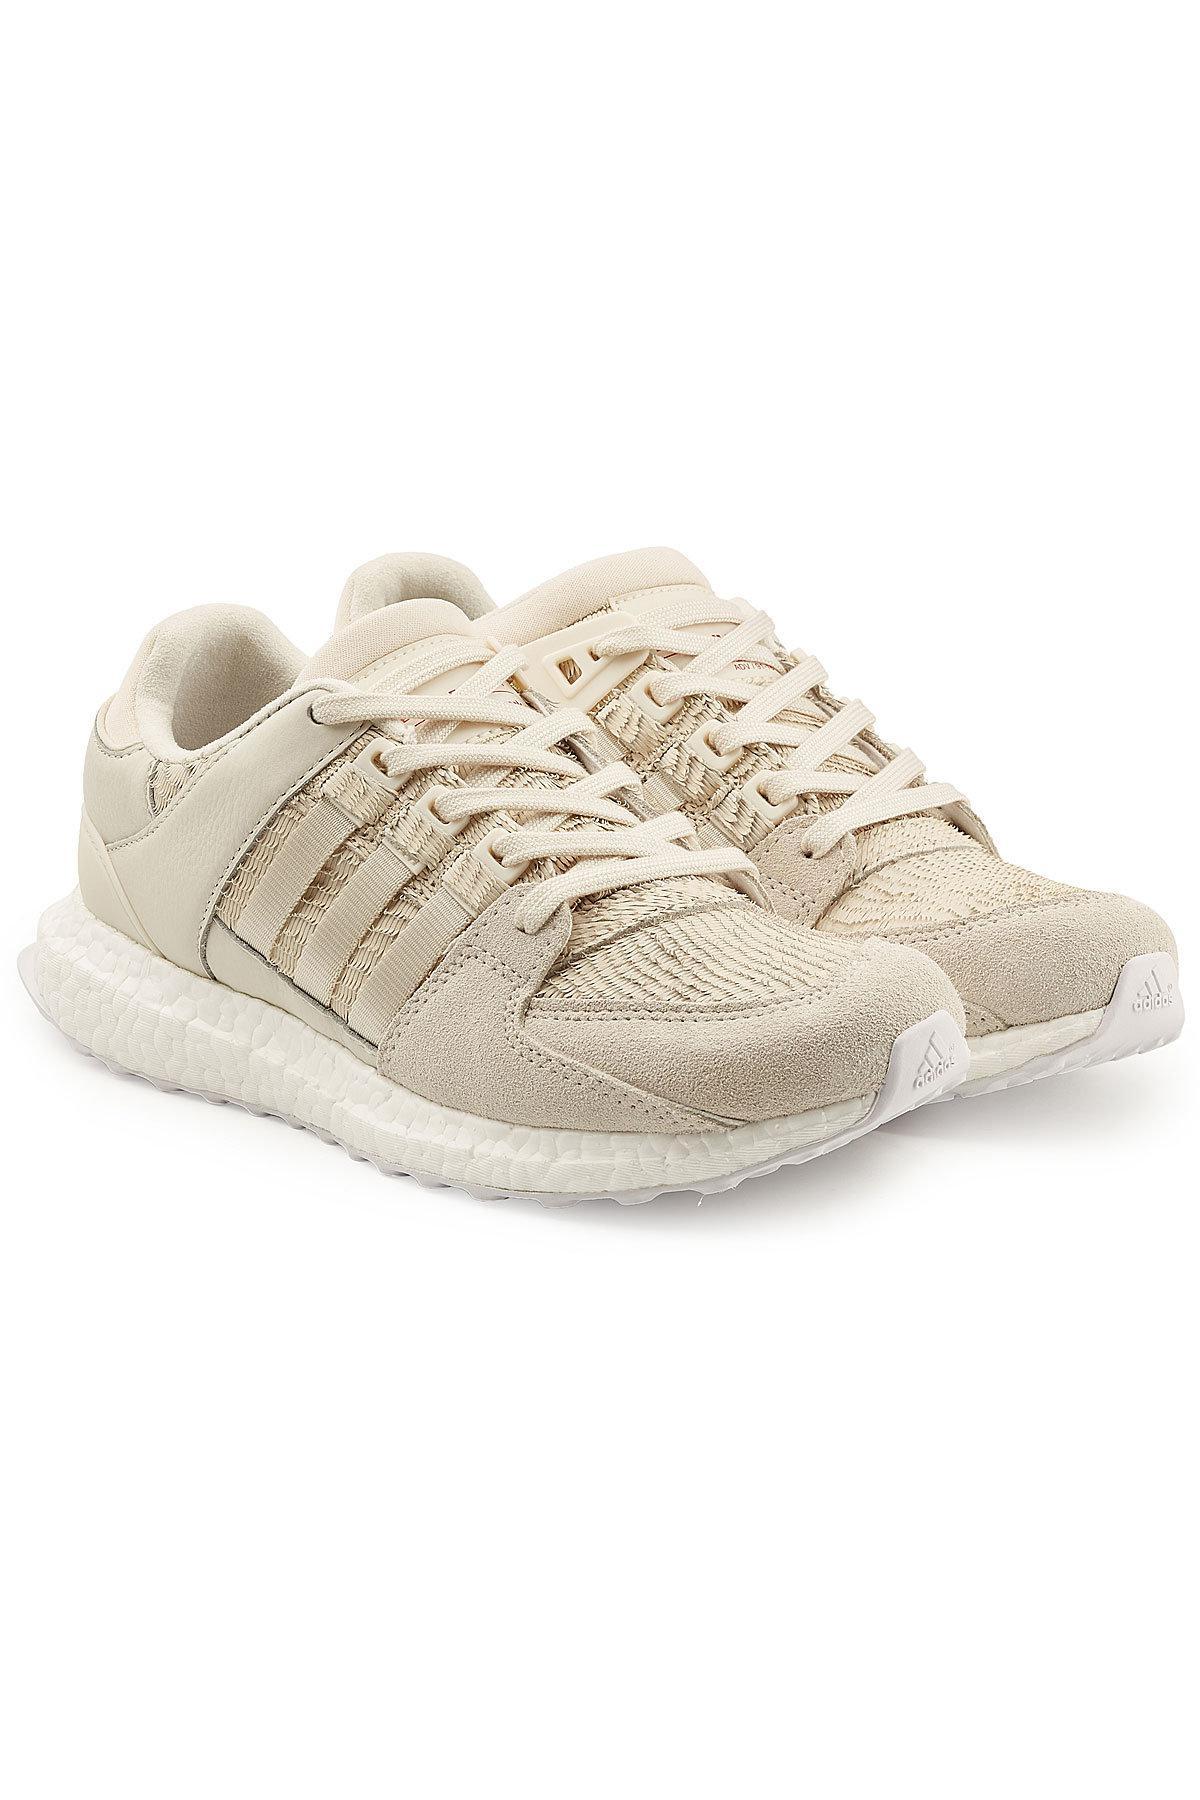 Adidas Originals EQT Support ultra CNY zapatilla de cuero para hombres Lyst